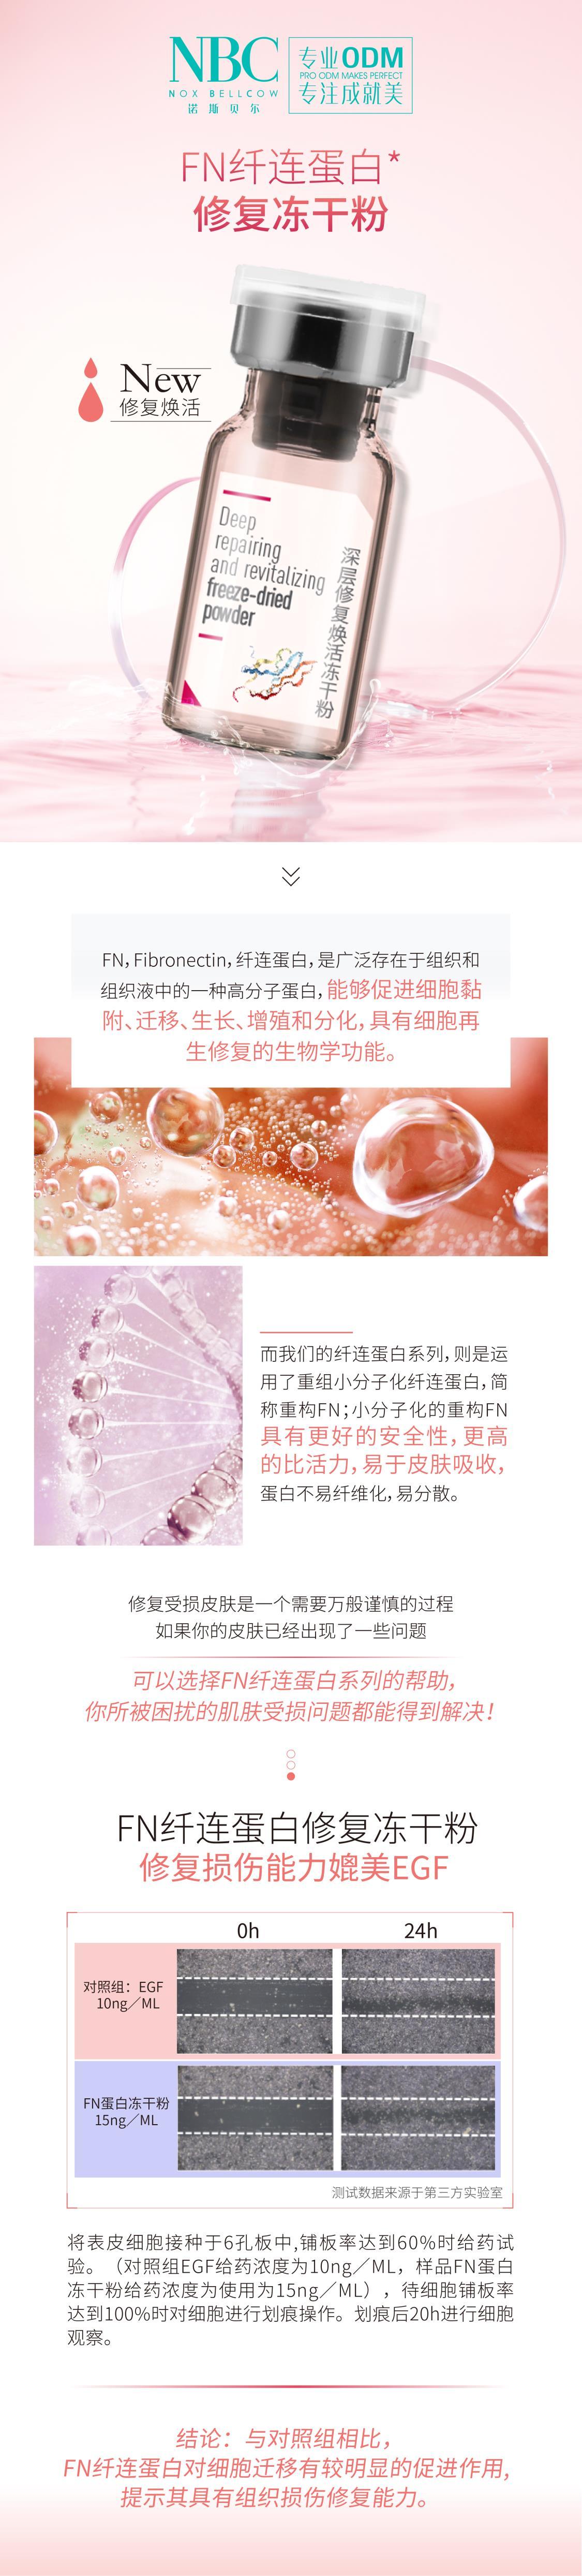 纤连蛋白修复冻干粉-01.jpg